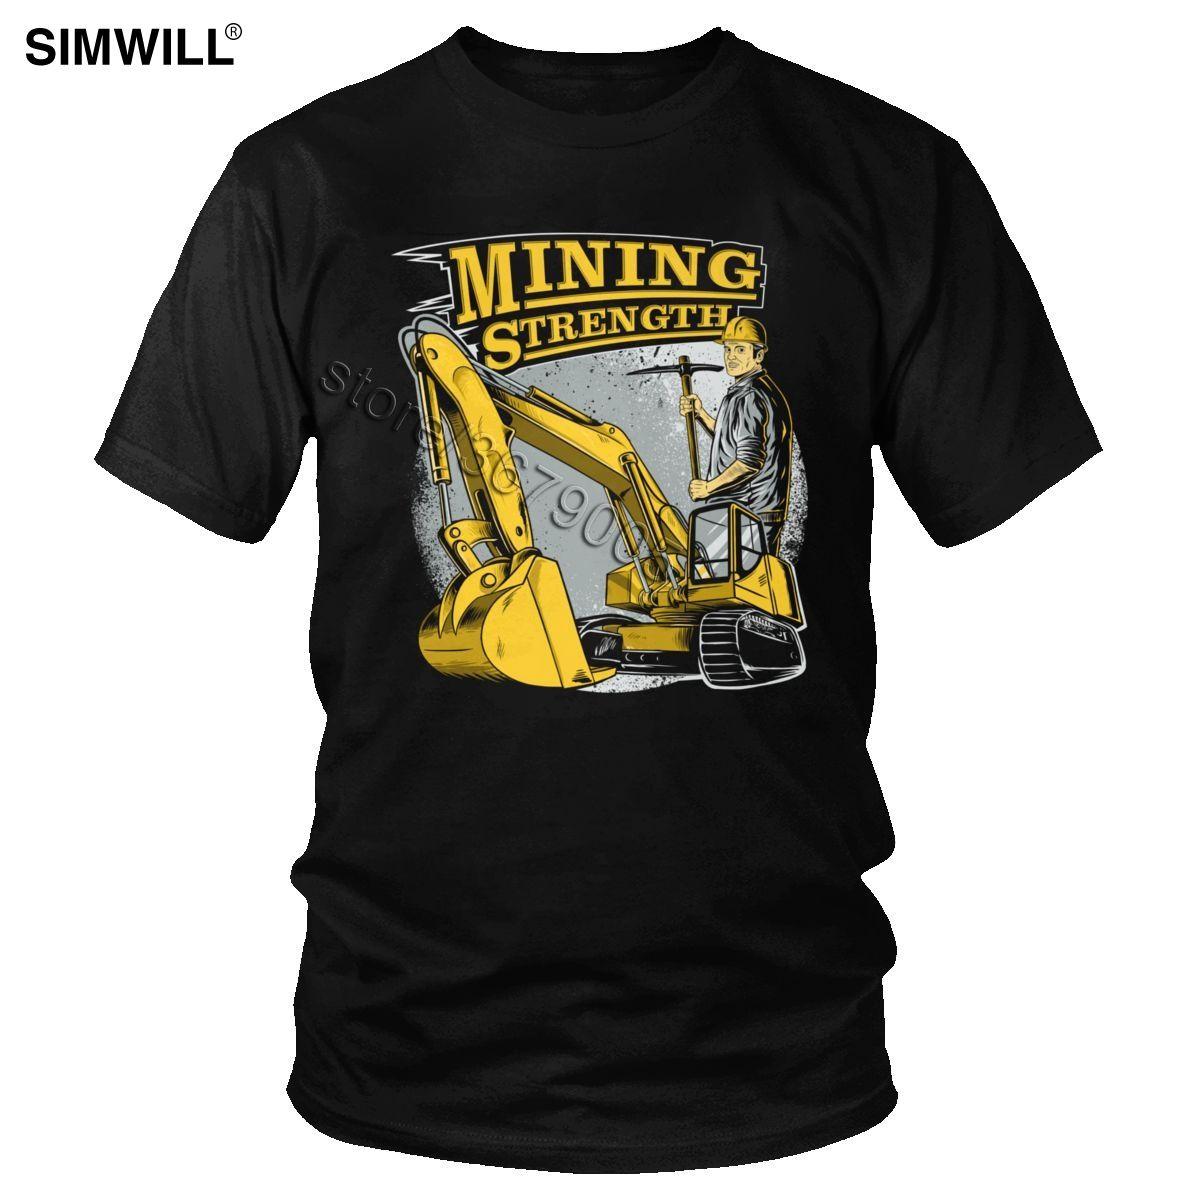 Moda Son T Shirt Erkekler Pamuk Madencilik Mukavemet Ekskavatör Tişört Kısa Kollu İş Makineleri Operatörü Tees Clothes yazdır